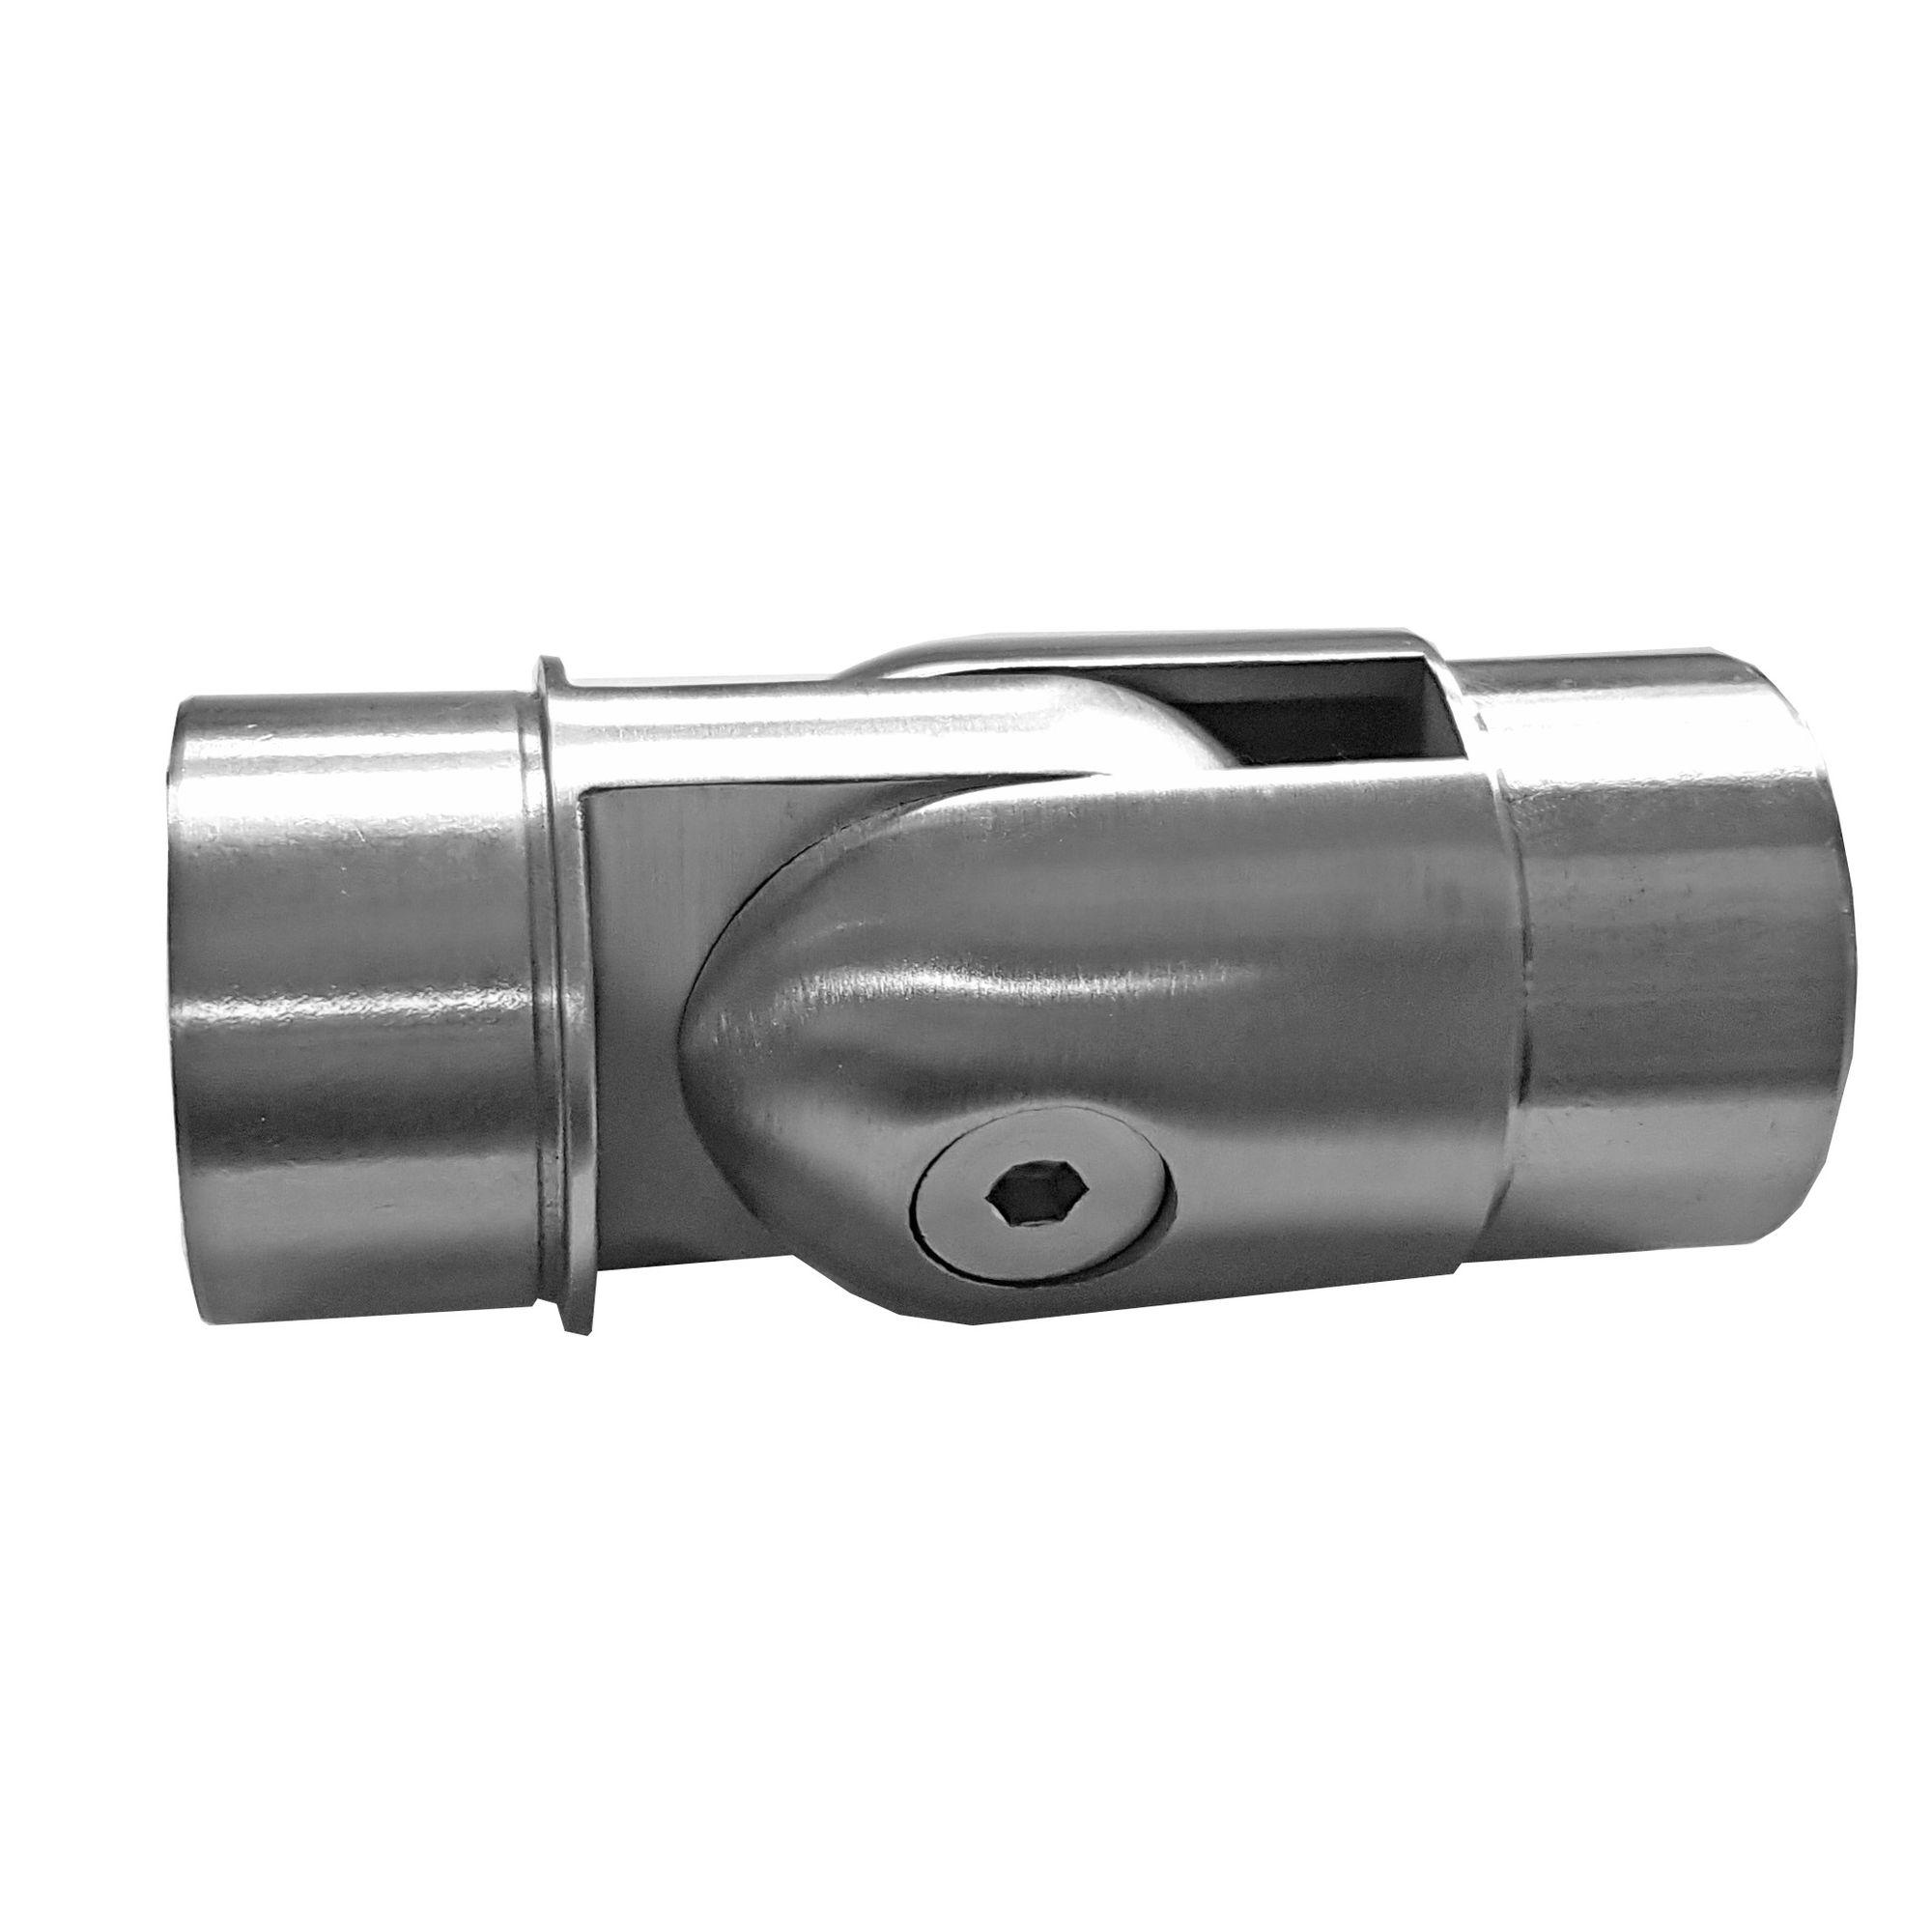 42,4 x 2mm Edelstahl Rohr Edelstahlrohr Rundrohr V2A geschliffen Geländer